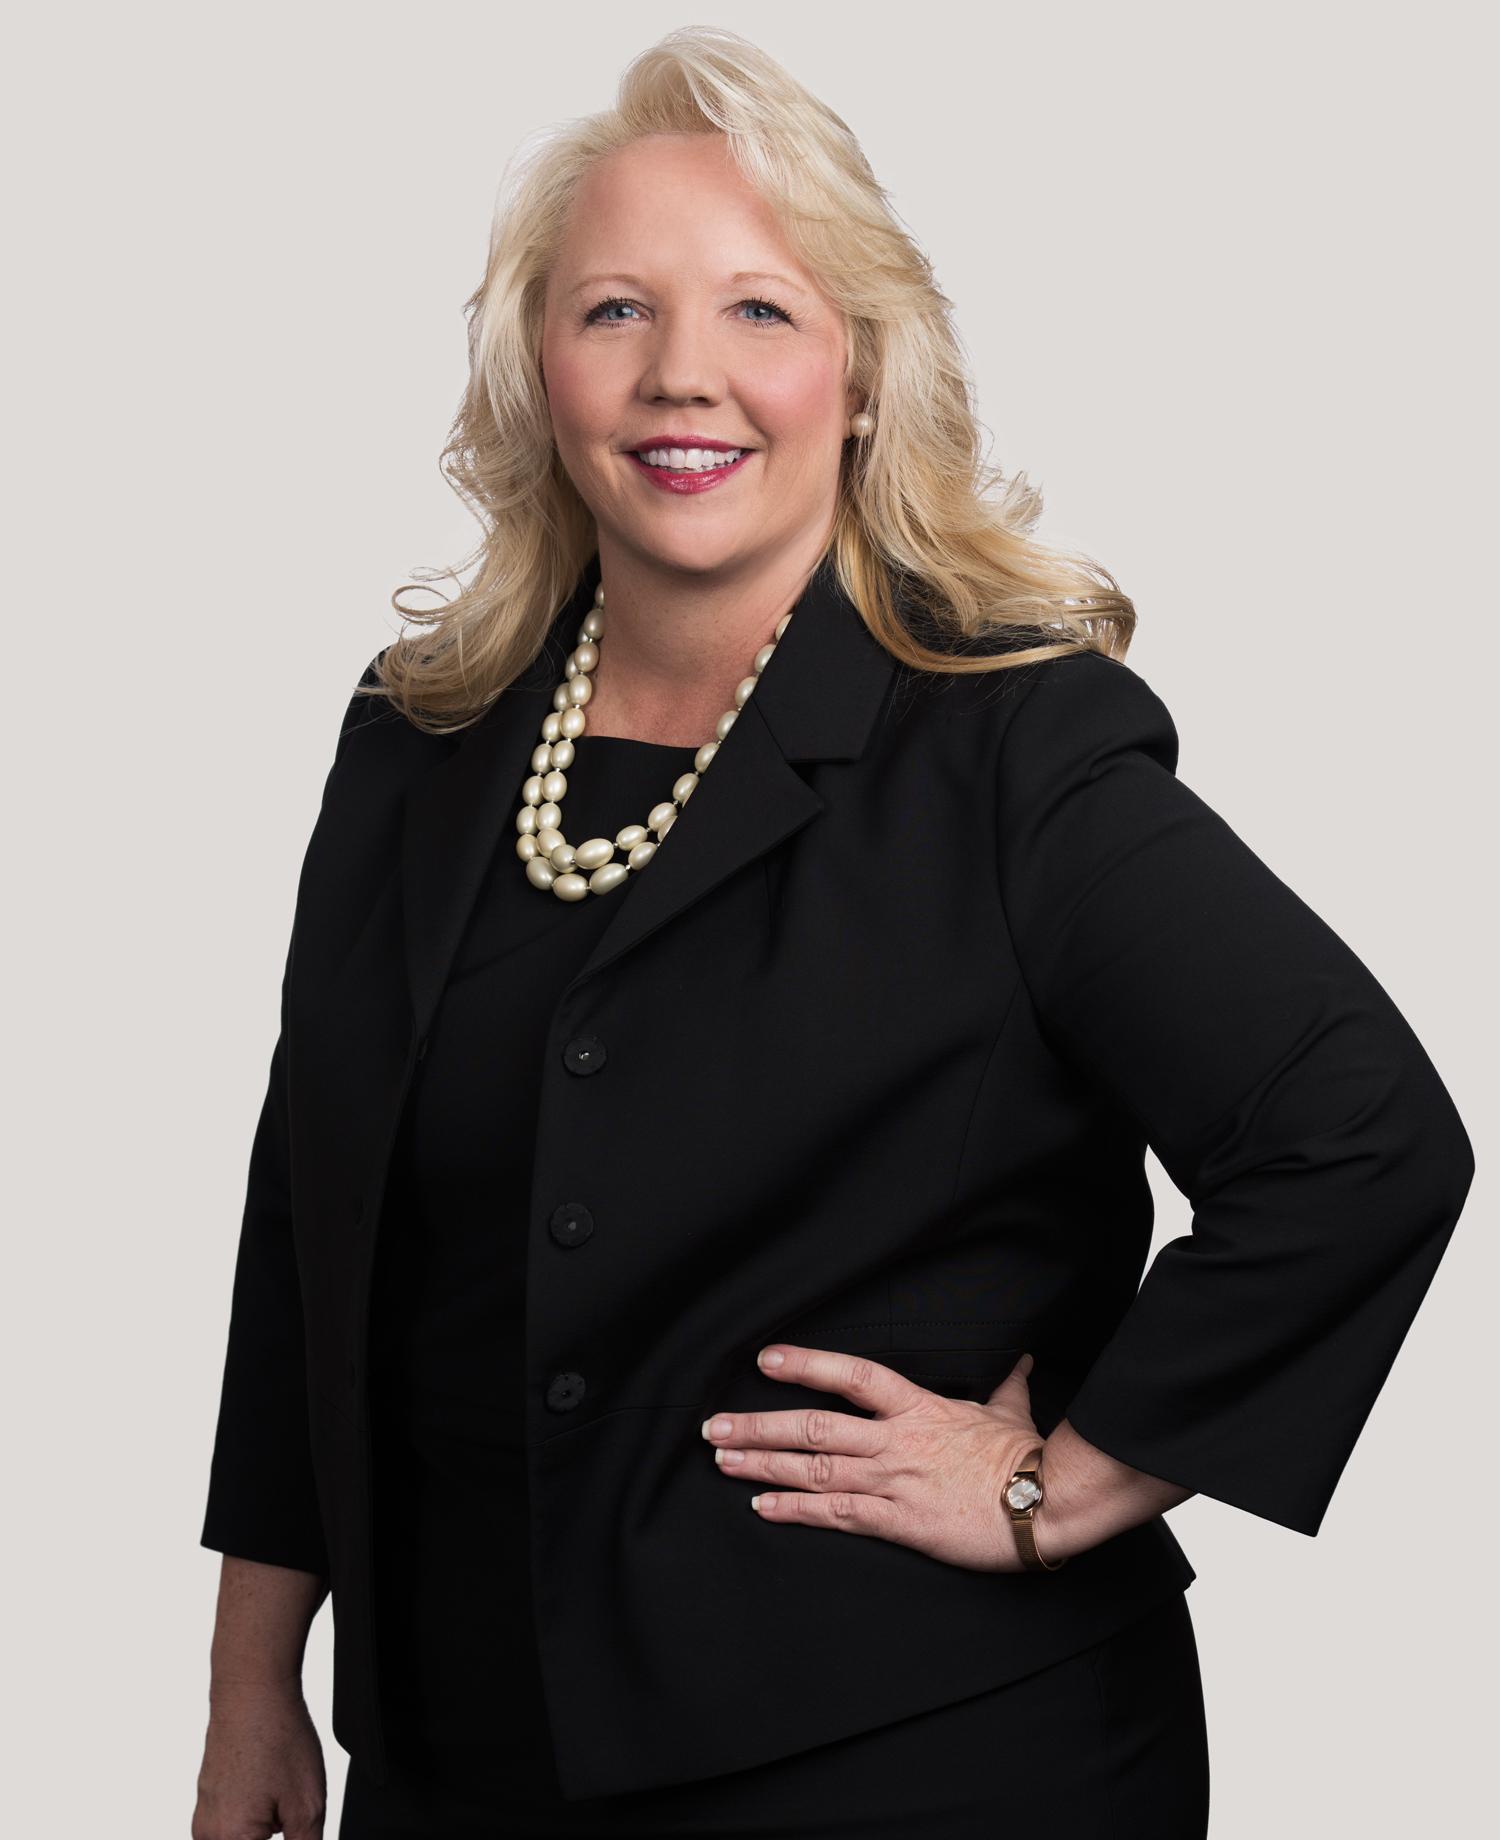 Stephanie H. Schlatter